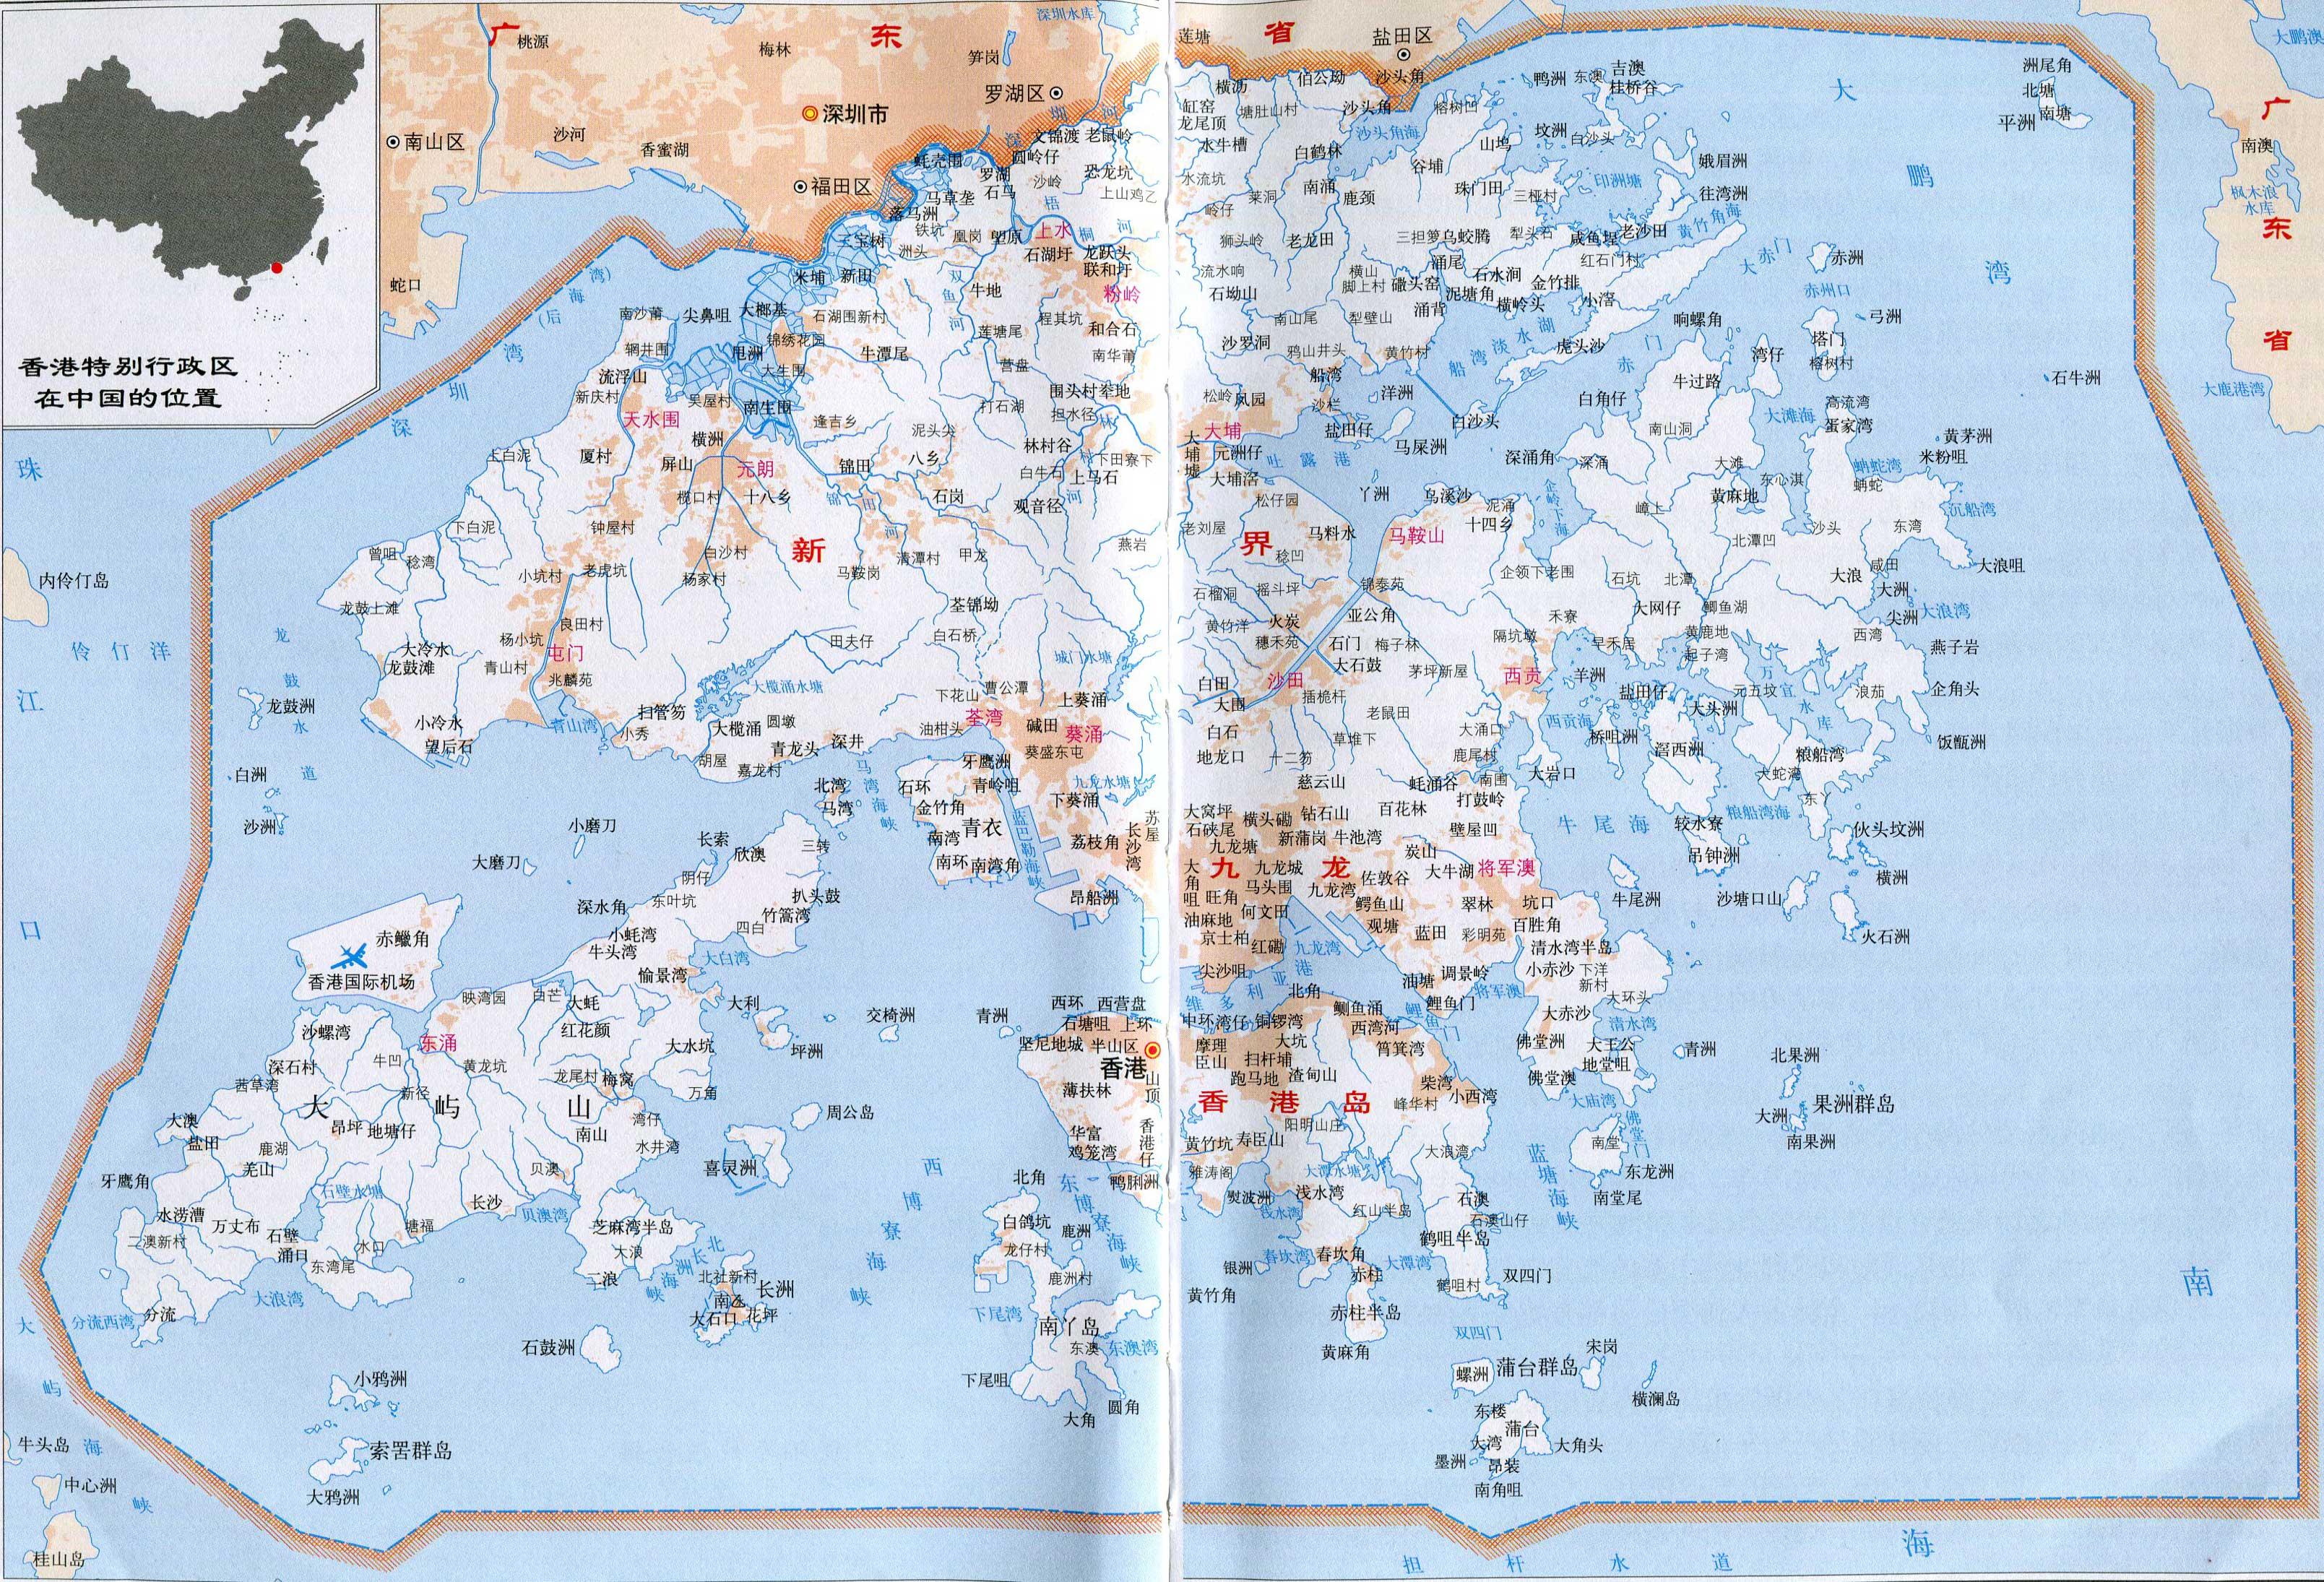 香港地图全图高清版